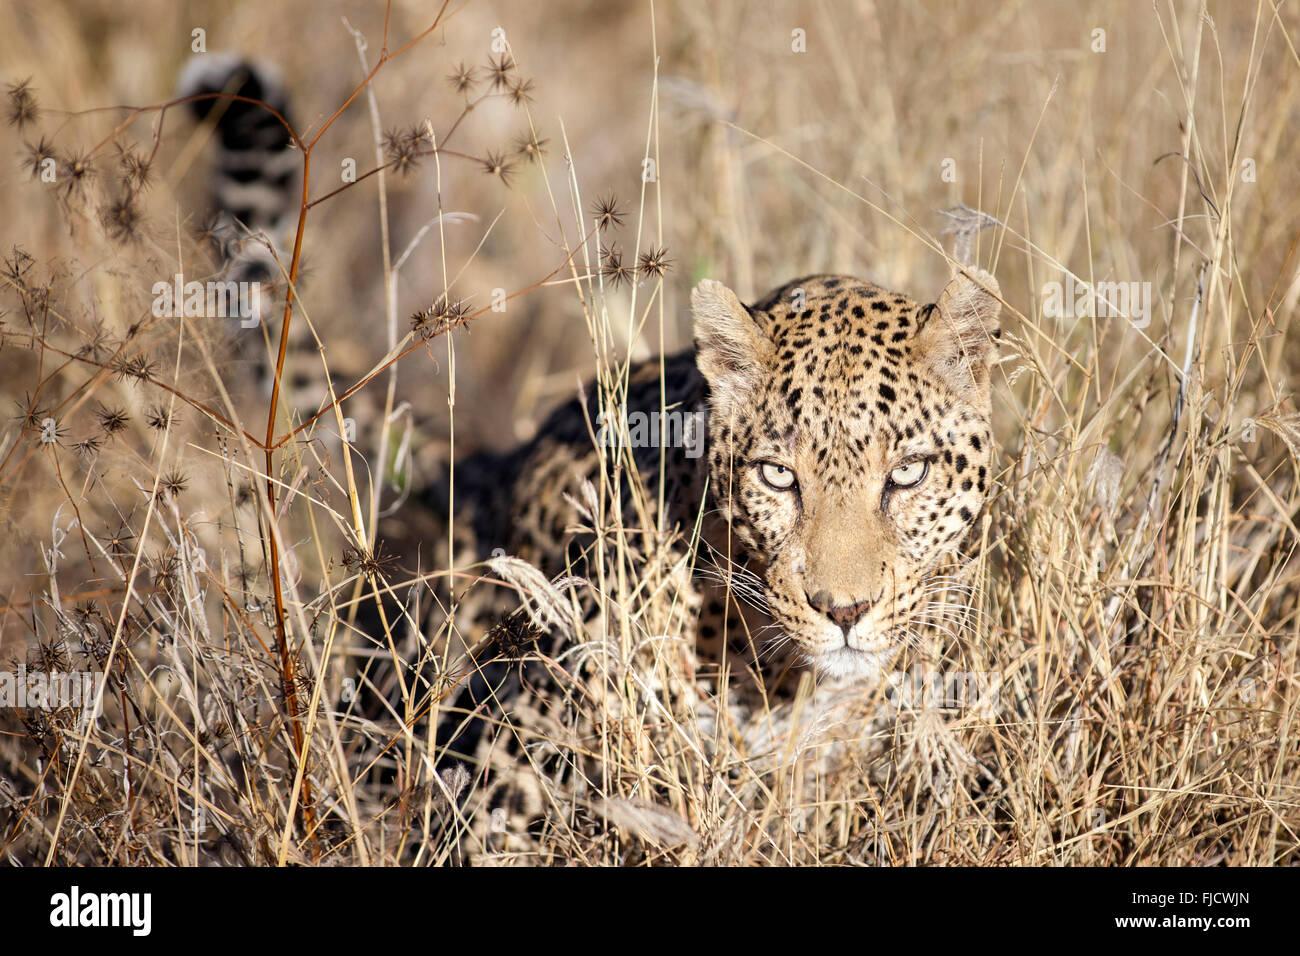 Un léopard chasse dans la brousse Photo Stock